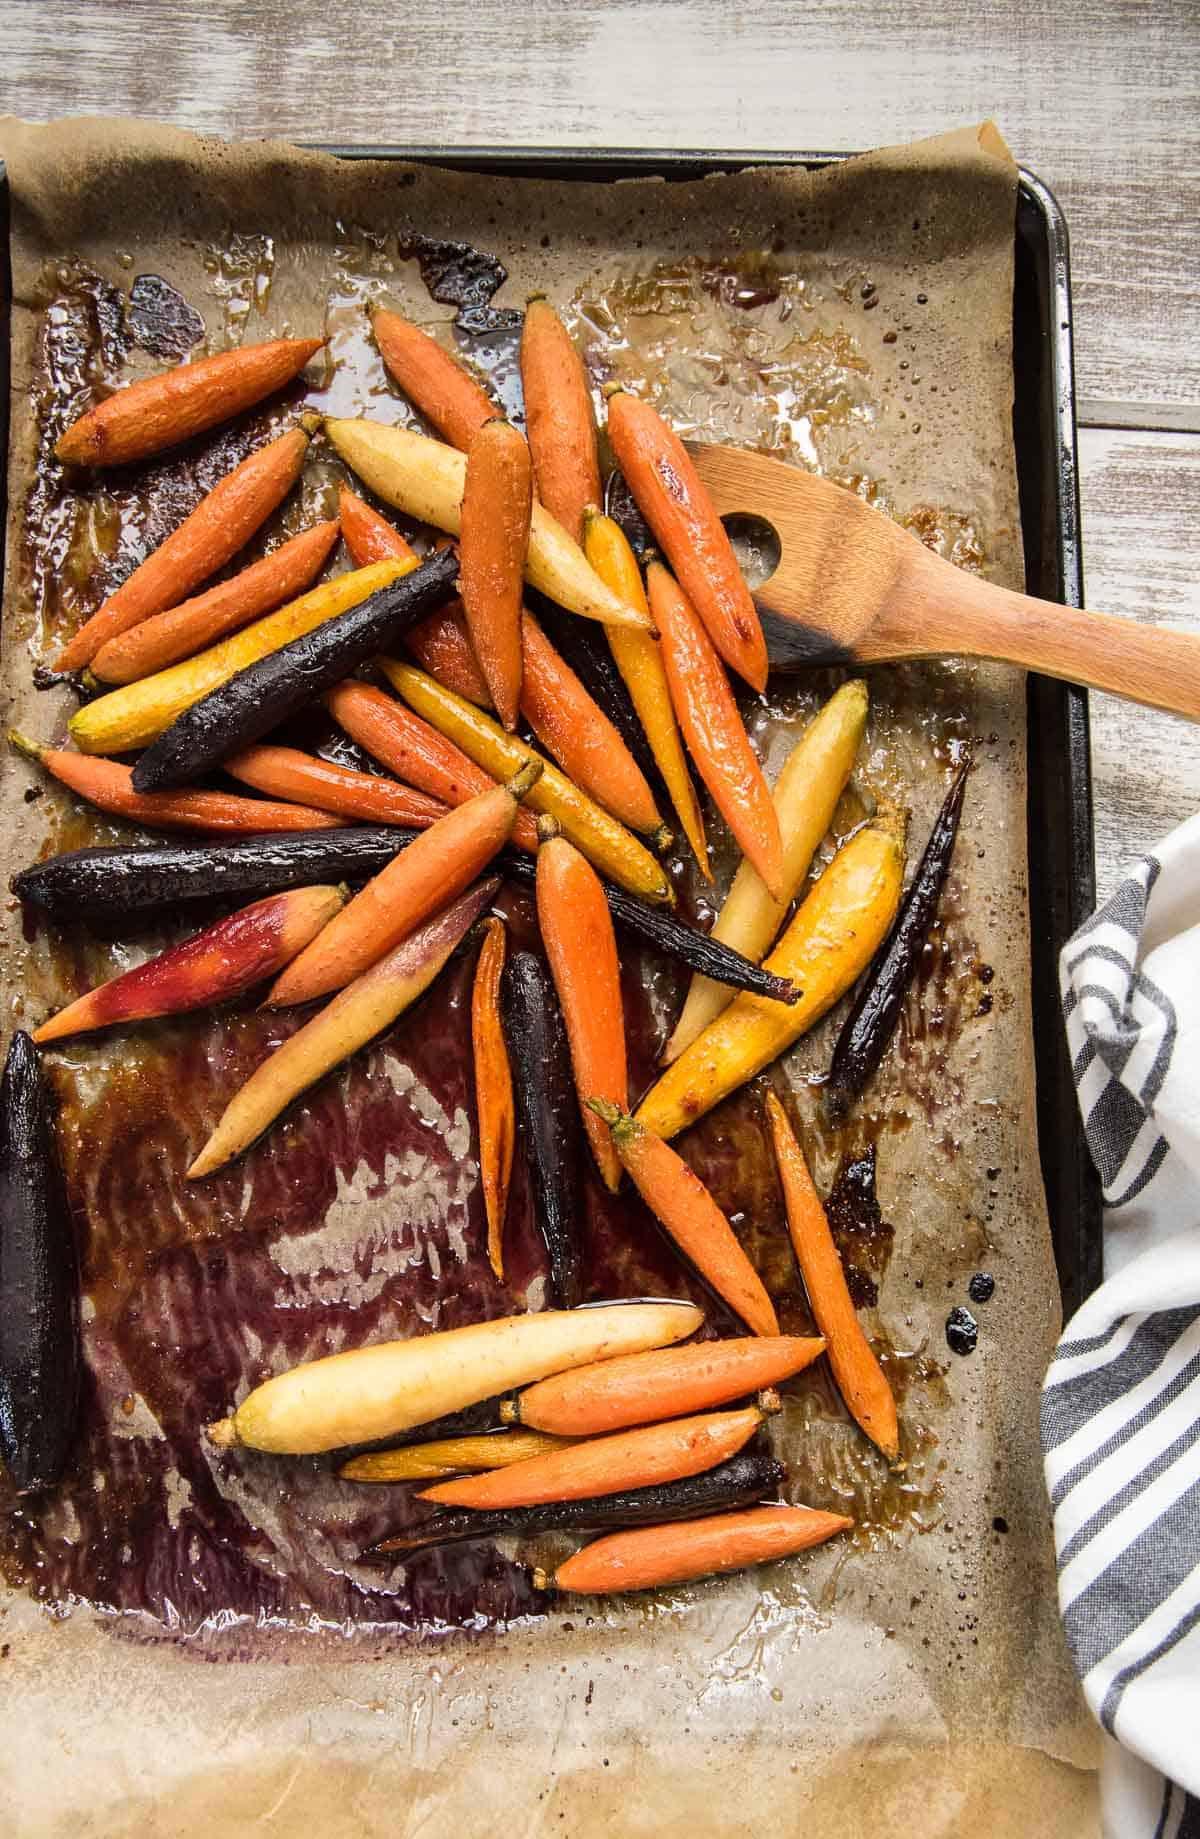 roasted rainbow carrots on a sheet tray